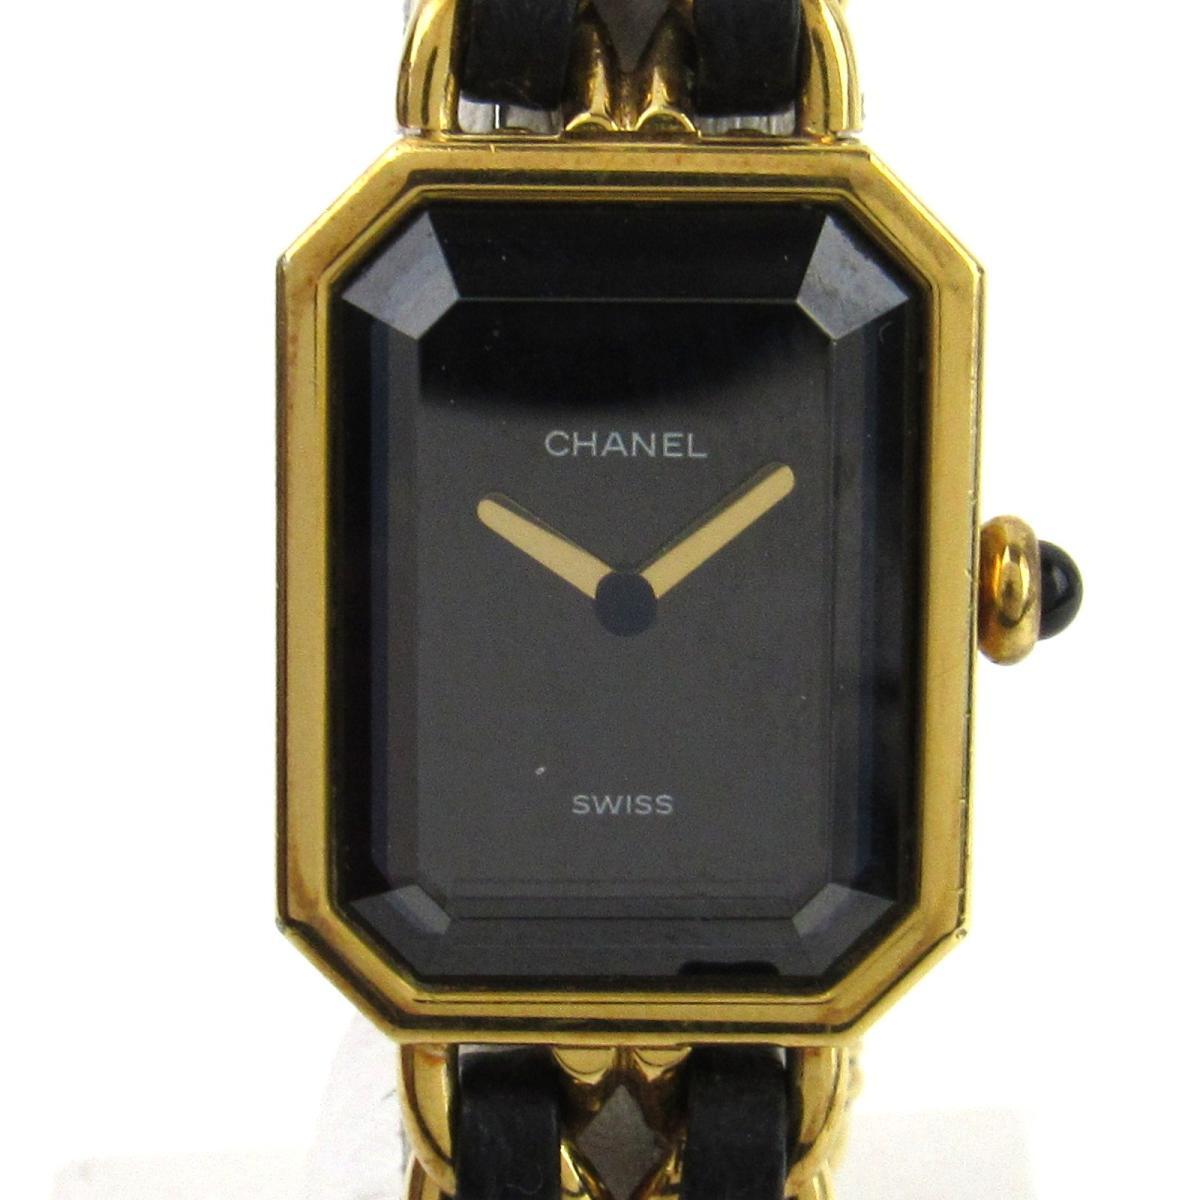 【中古】 シャネル プルミエールS ウォッチ 腕時計 レディース レザーベルト x GP (ゴールドメッキ) (H0001) | CHANEL BRANDOFF ブランドオフ ブランド ブランド時計 ブランド腕時計 時計